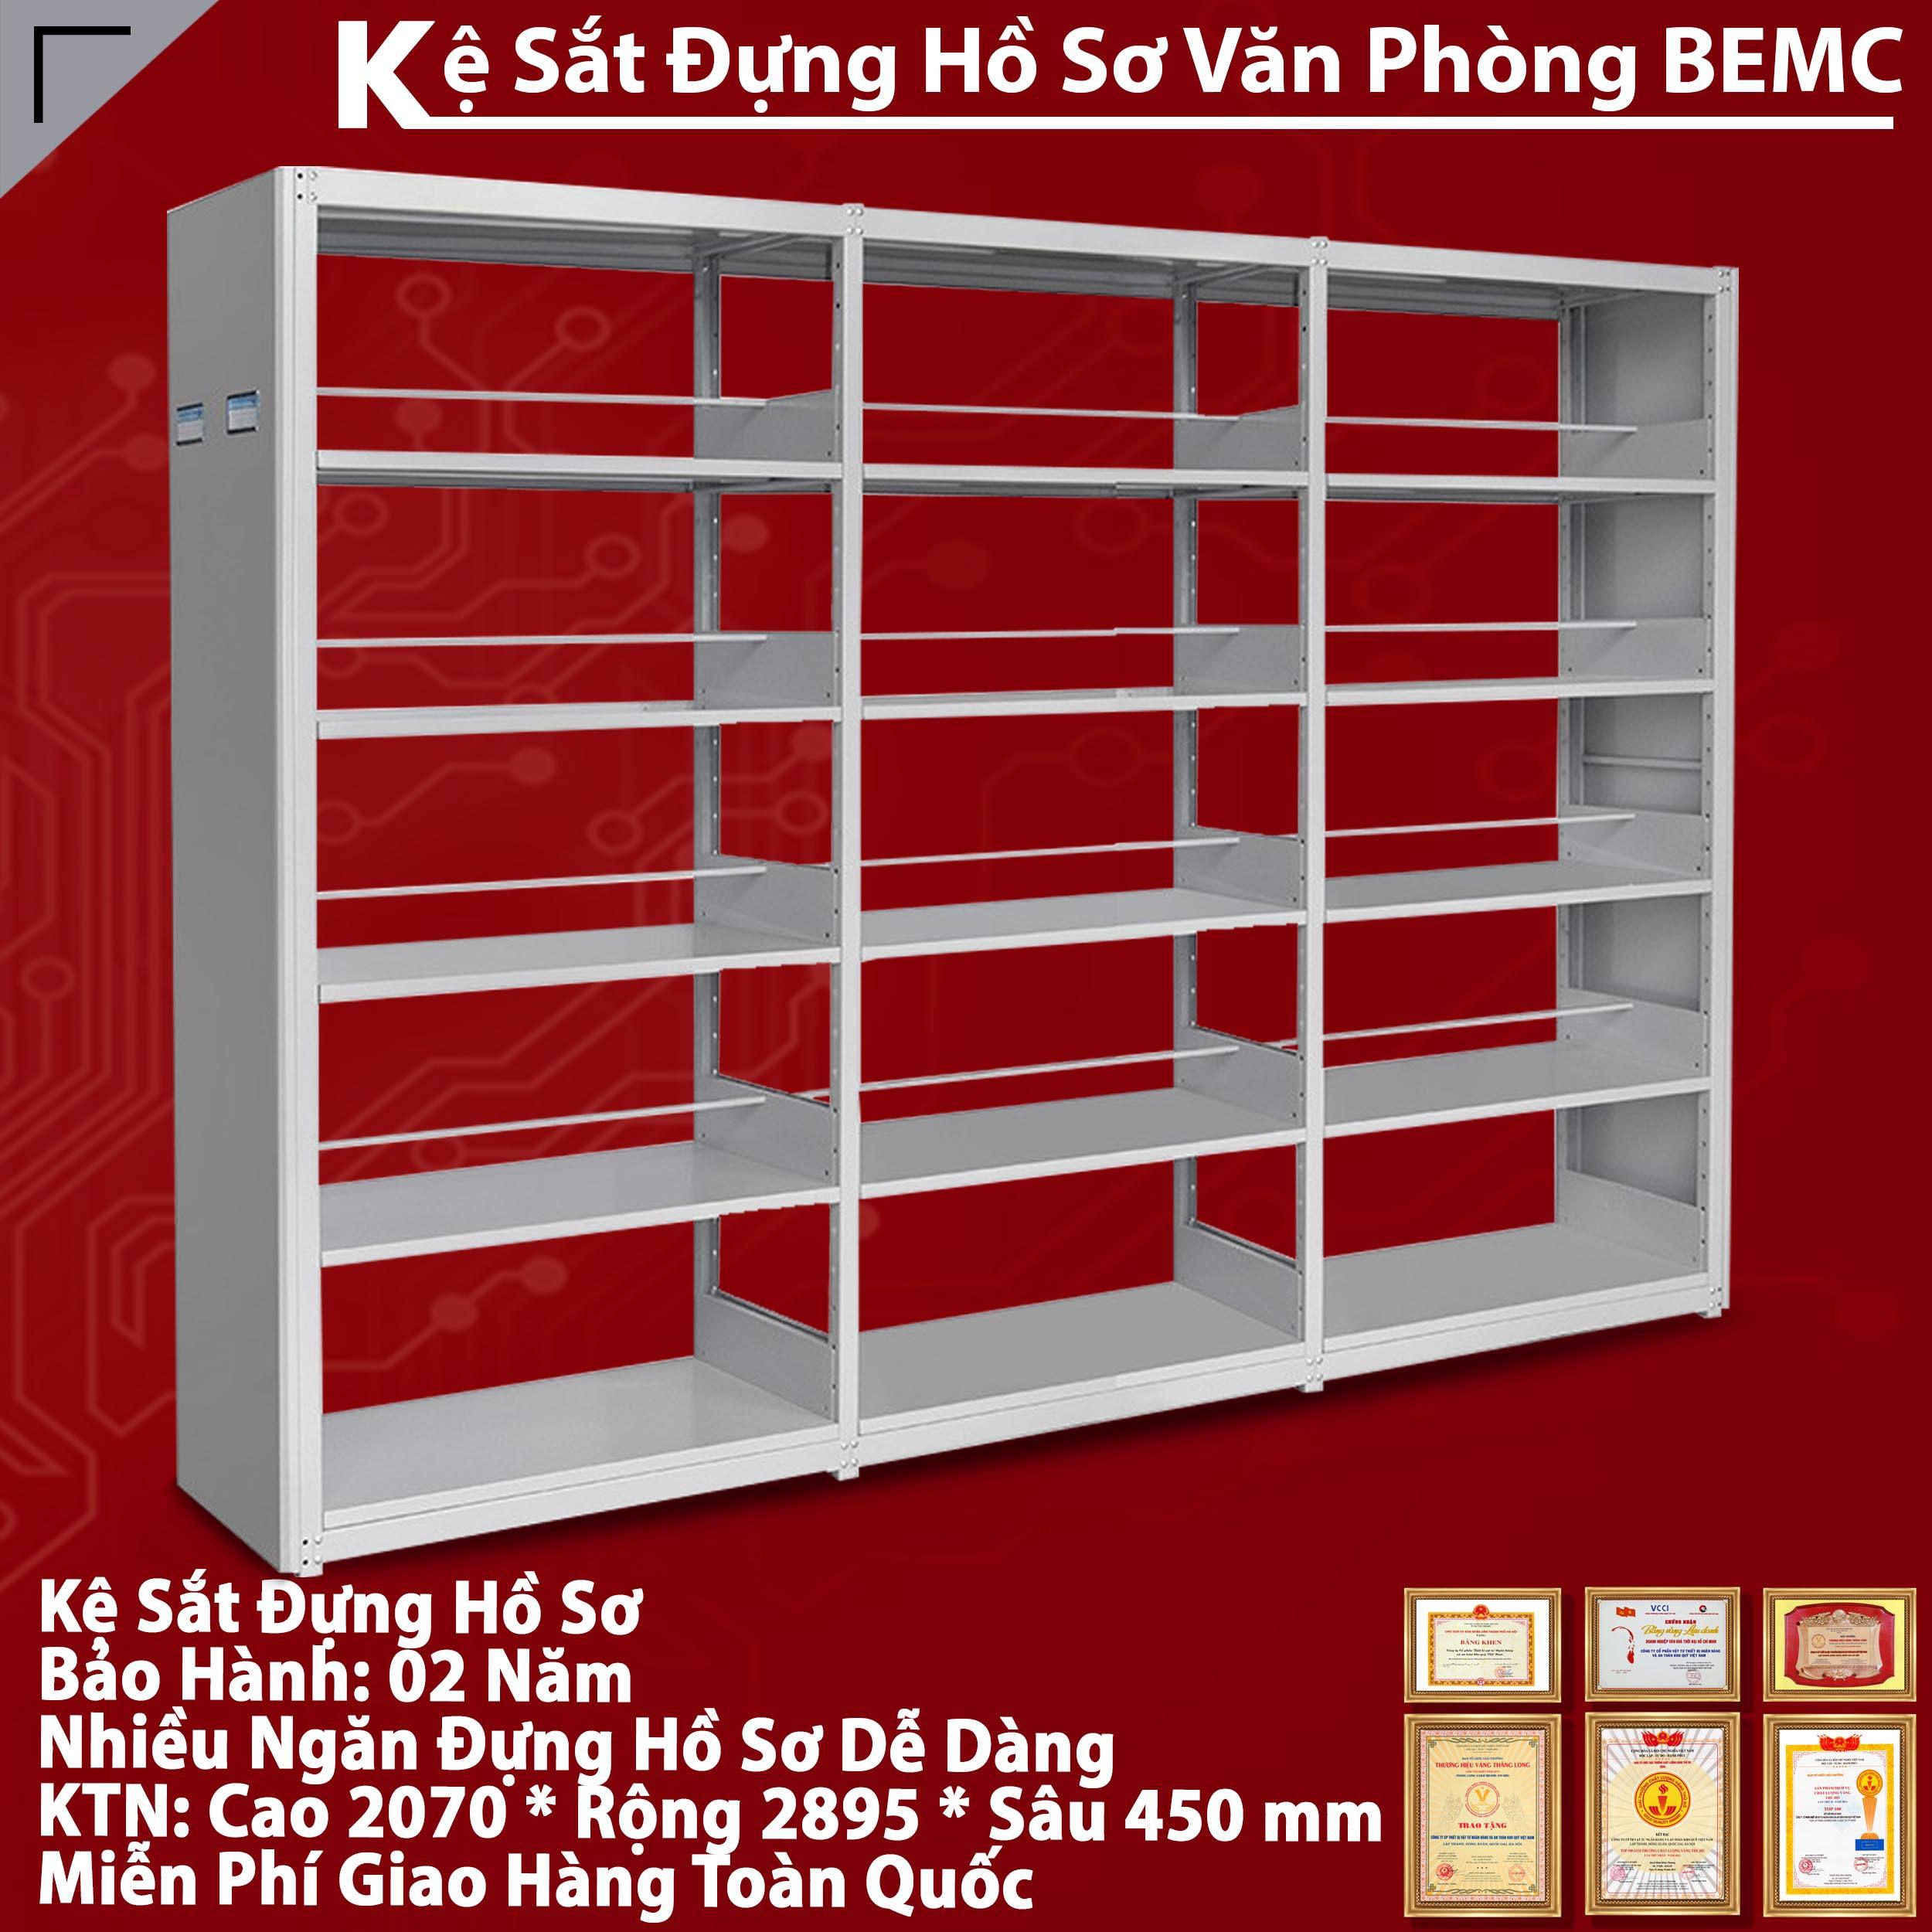 Giá BEMC-GS5K3 - Giá sắt đa năng - Giá sắt